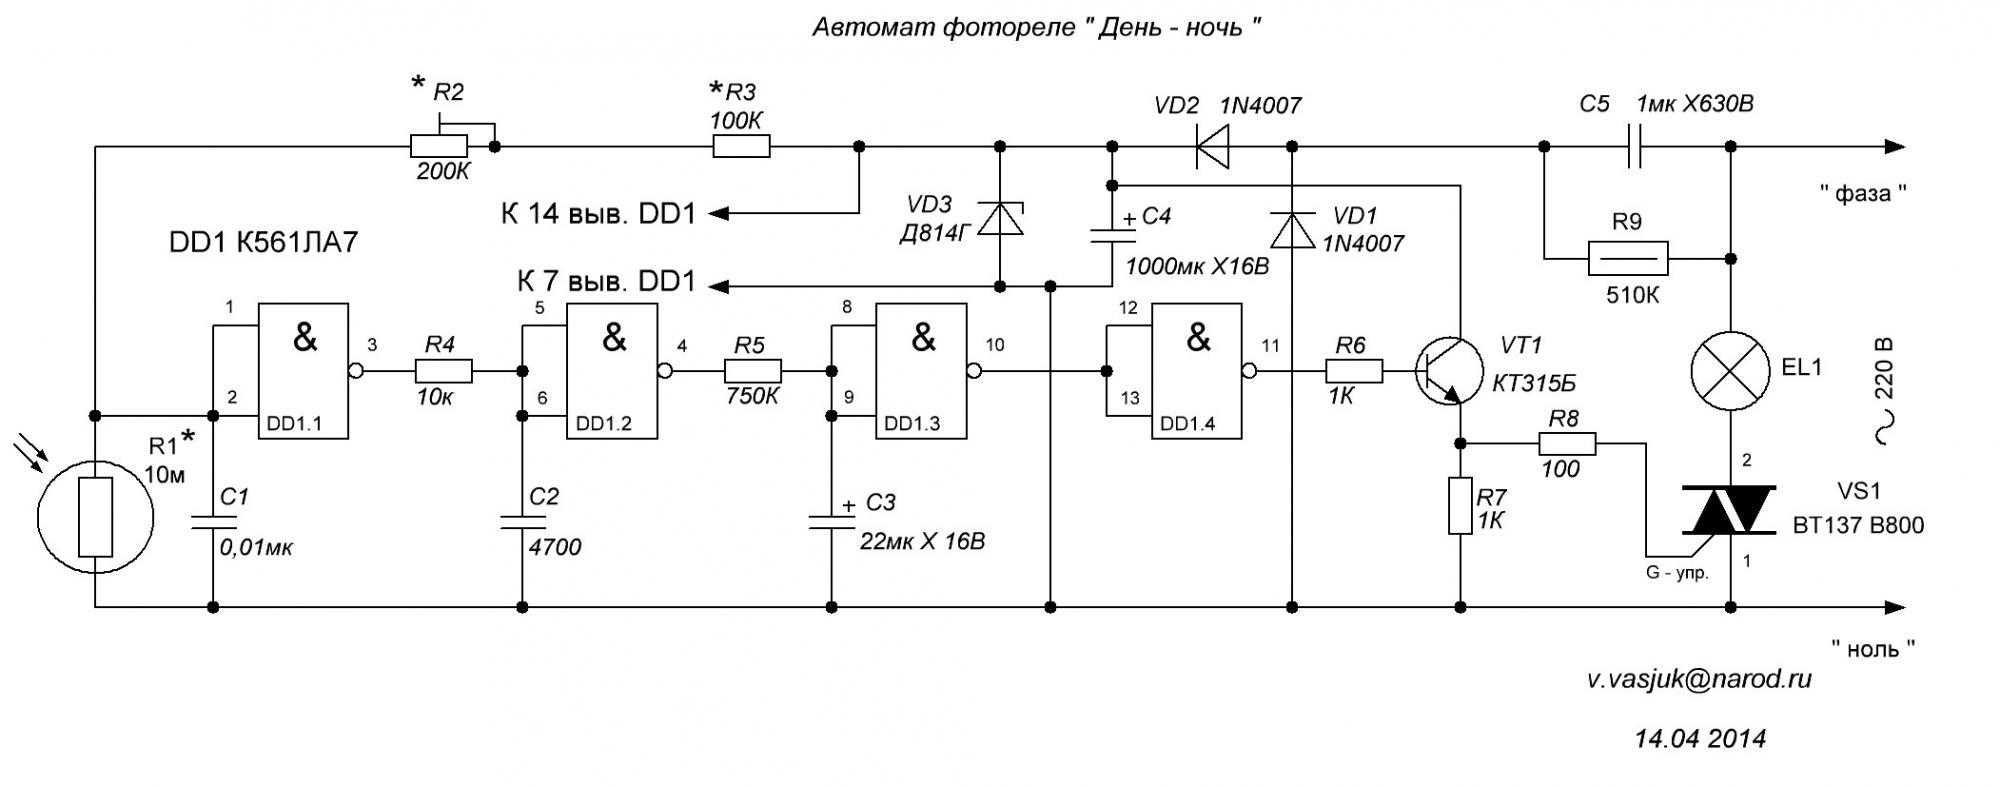 Схемы фотореле для управления освещением